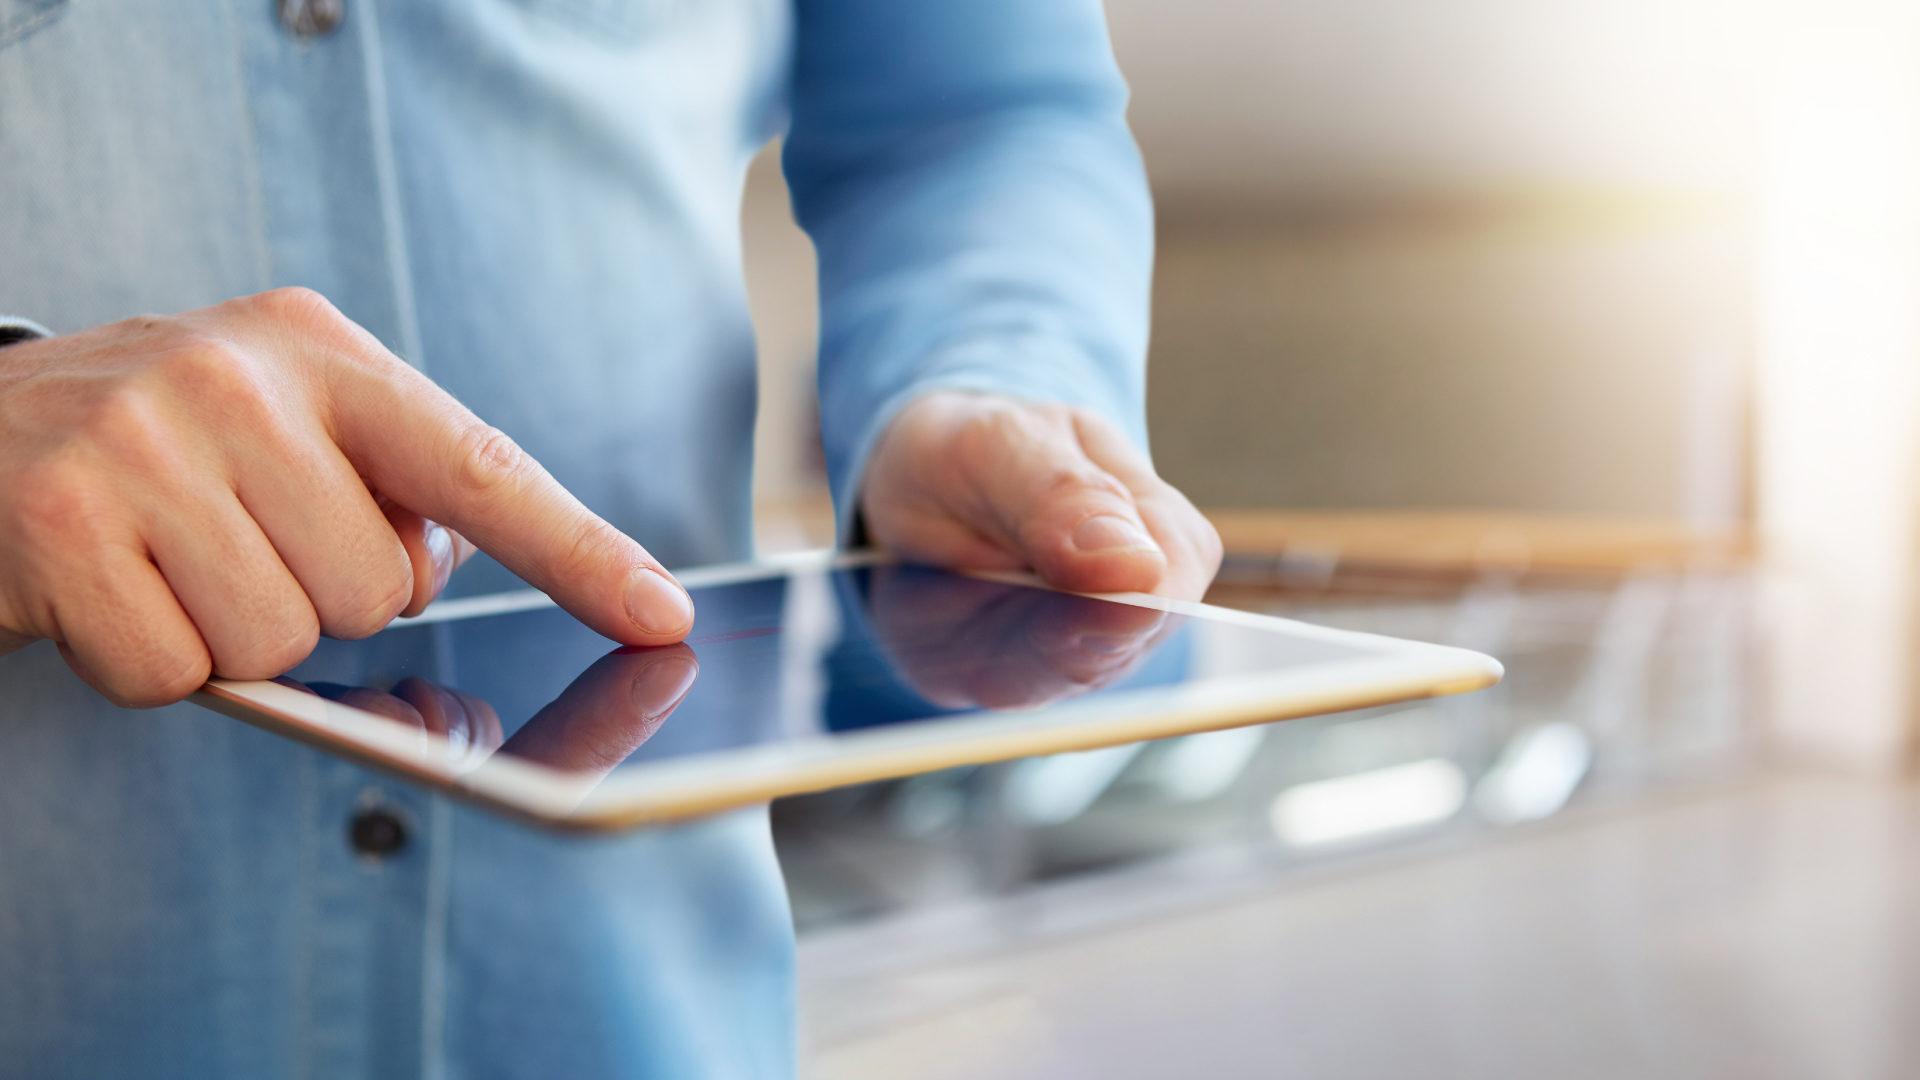 regulación-digitalización-transformación-digital-bbva-reguladores-tablet-